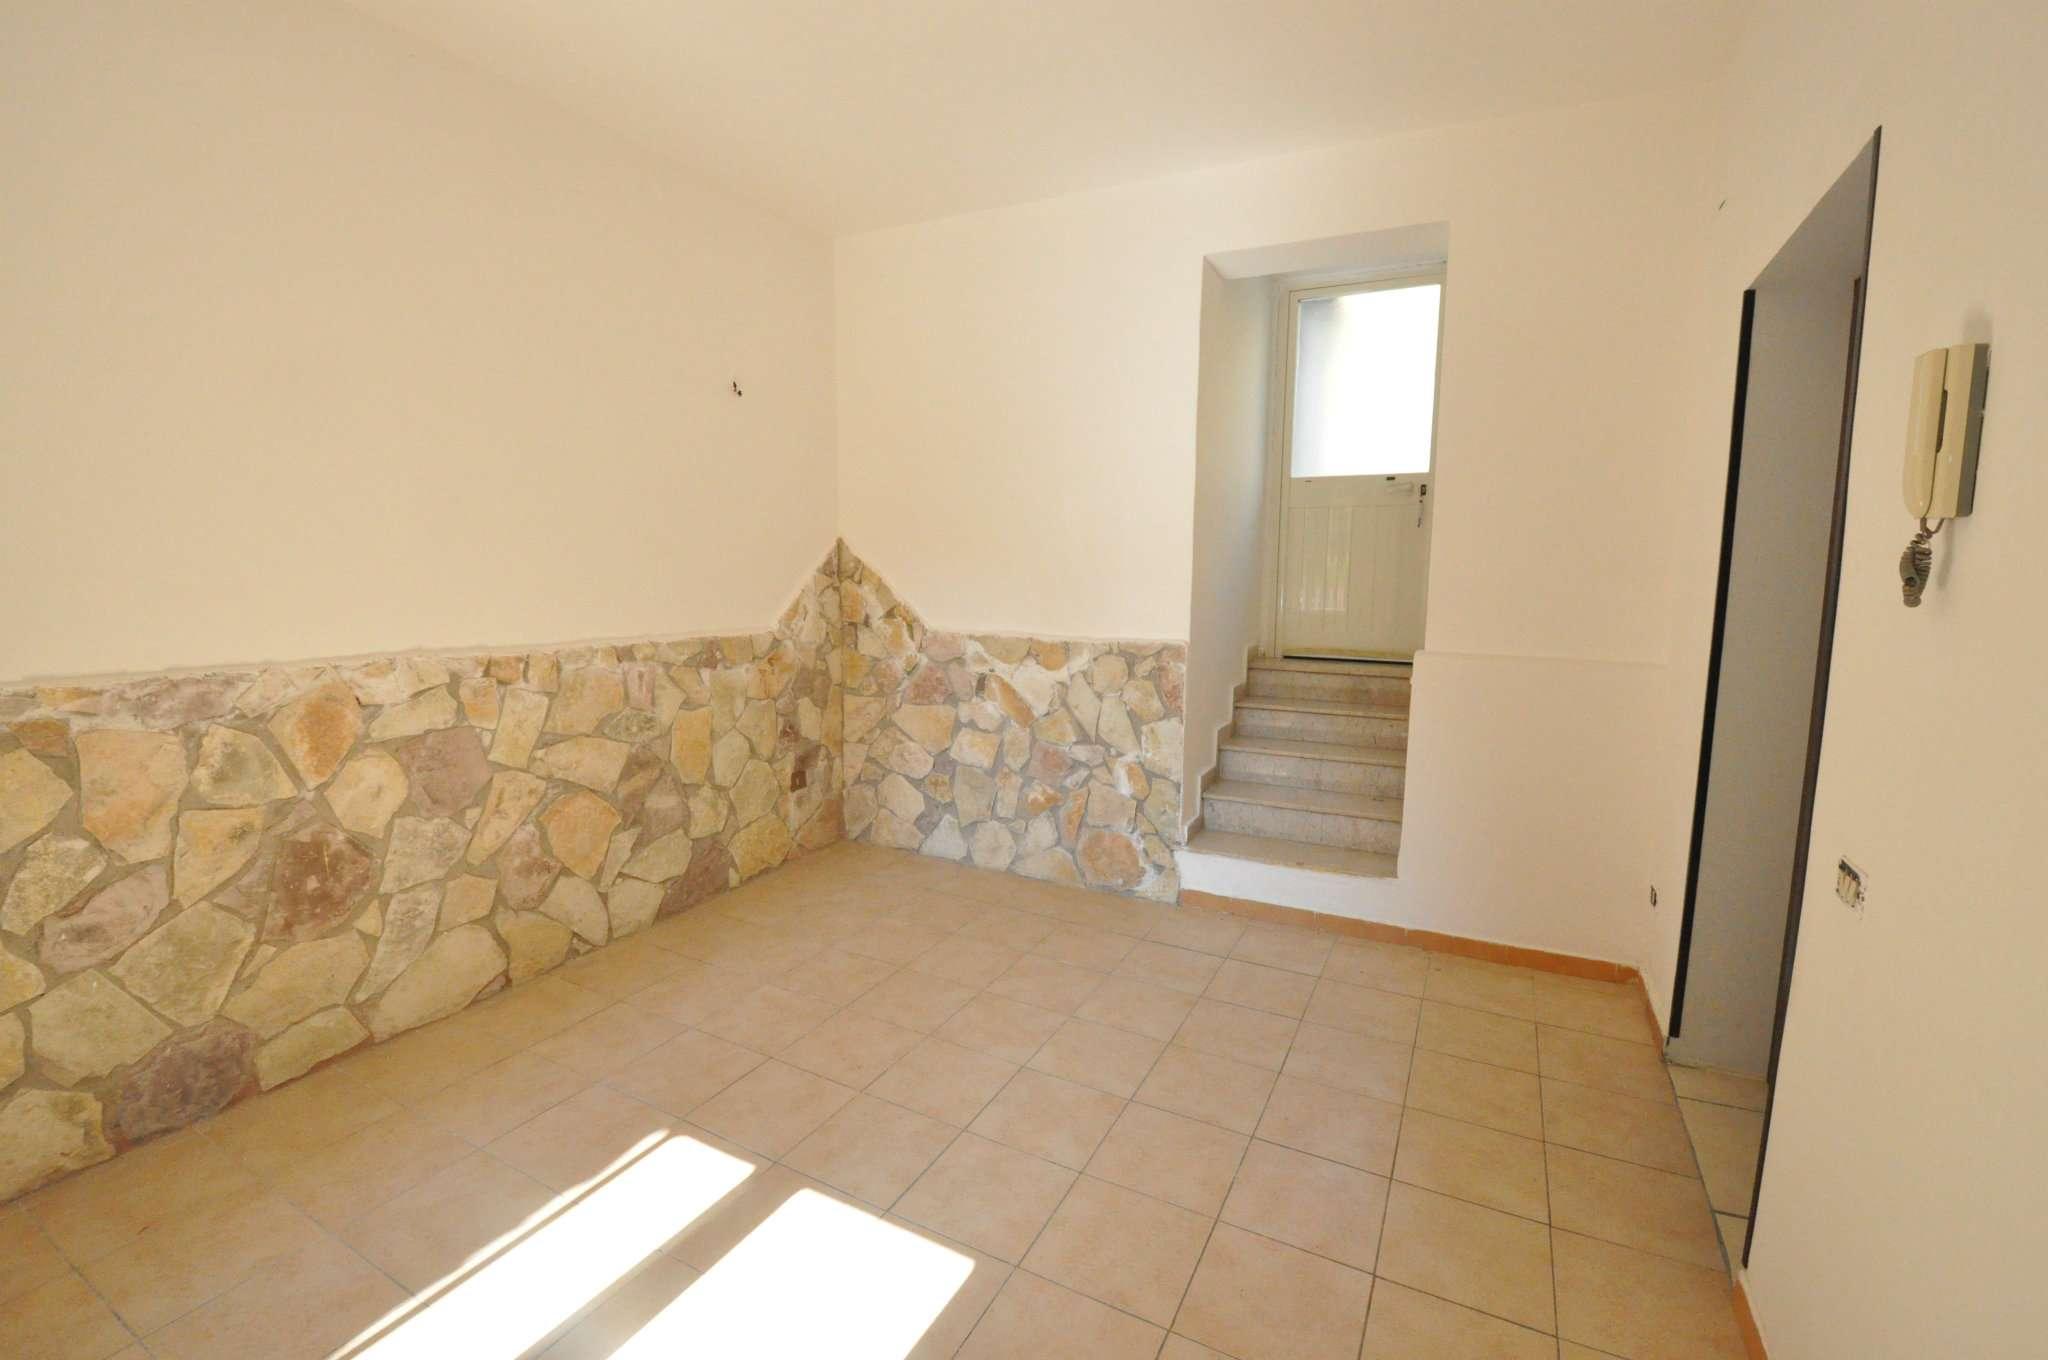 Appartamento in Vendita a Palermo: 3 locali, 80 mq